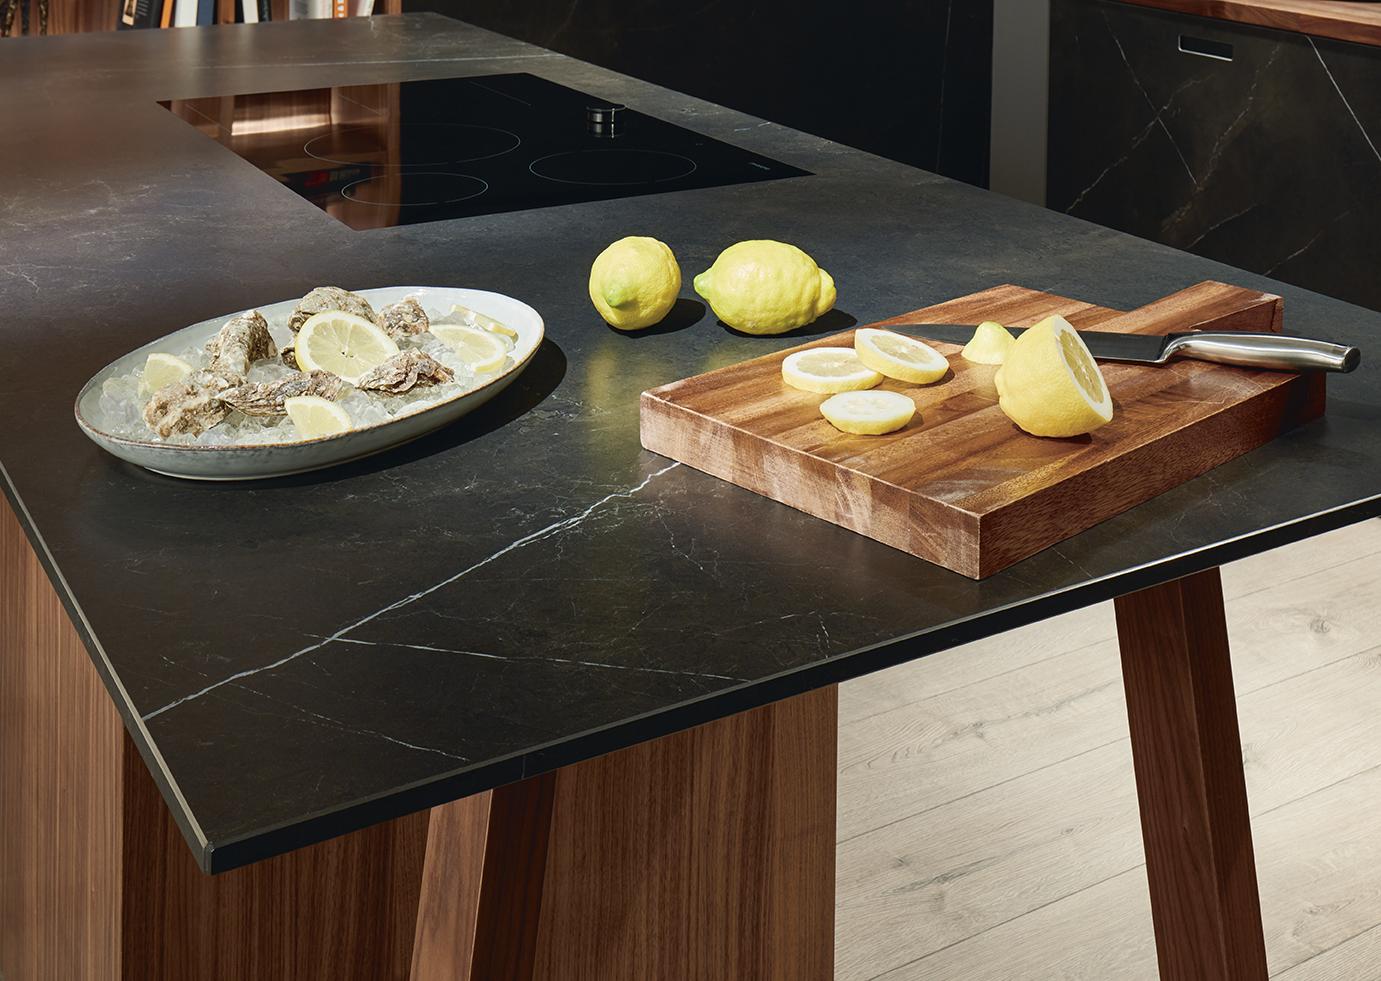 Table de cuisine en marque noir intérieur haut de gamme moderne et unique